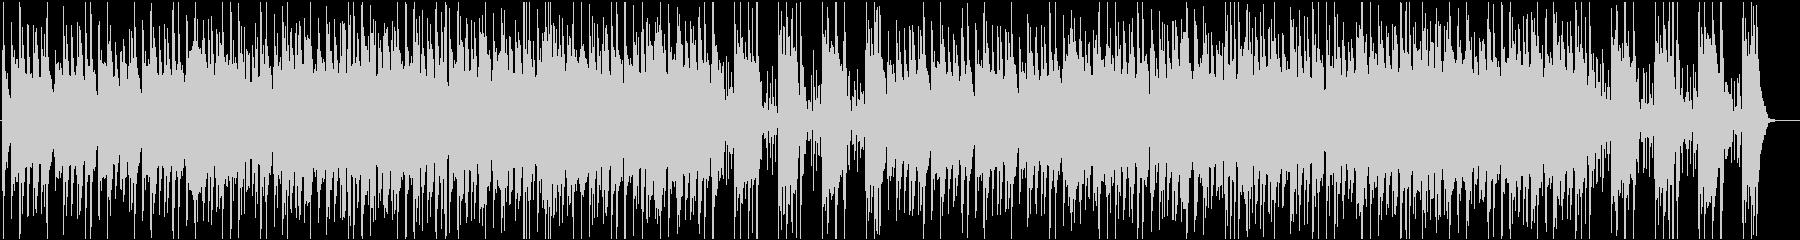 シンセベースが印象的な怪しい曲の未再生の波形